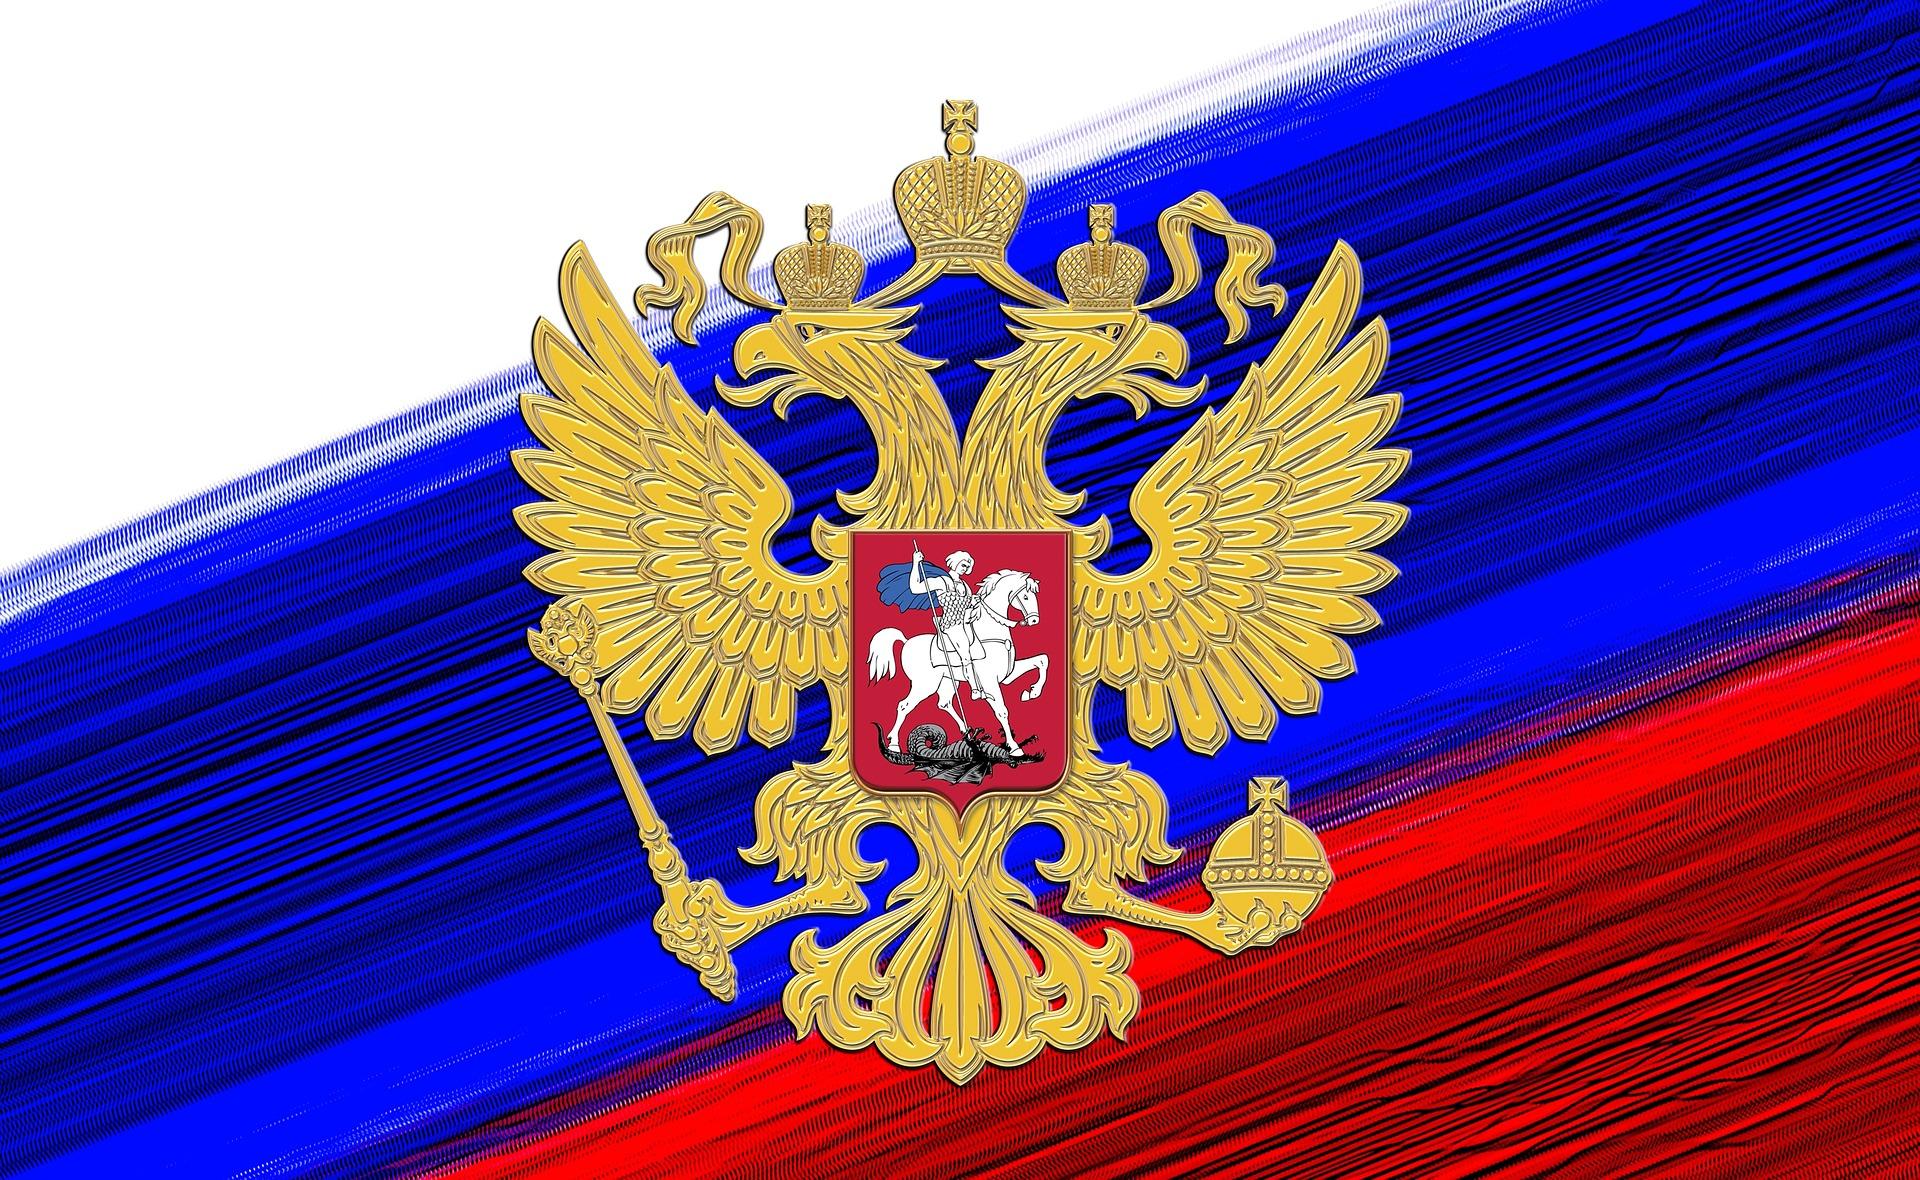 Иностранные спецслужбы ищут уязвимости в объектах критической информационной инфраструктуры РФ